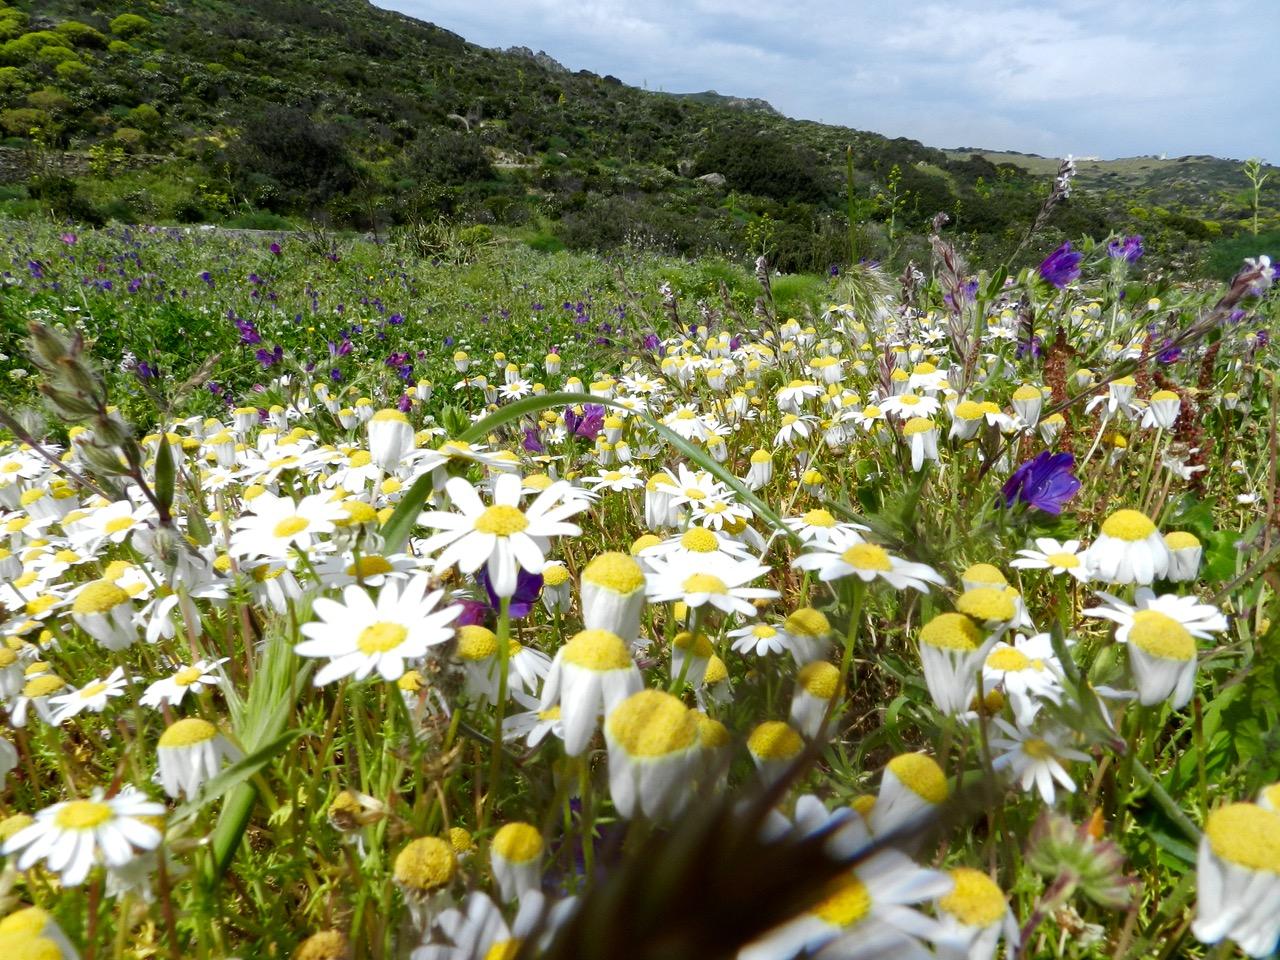 Trekking durch Kamillenwiesen, hier auf der Isola dell'Asinara